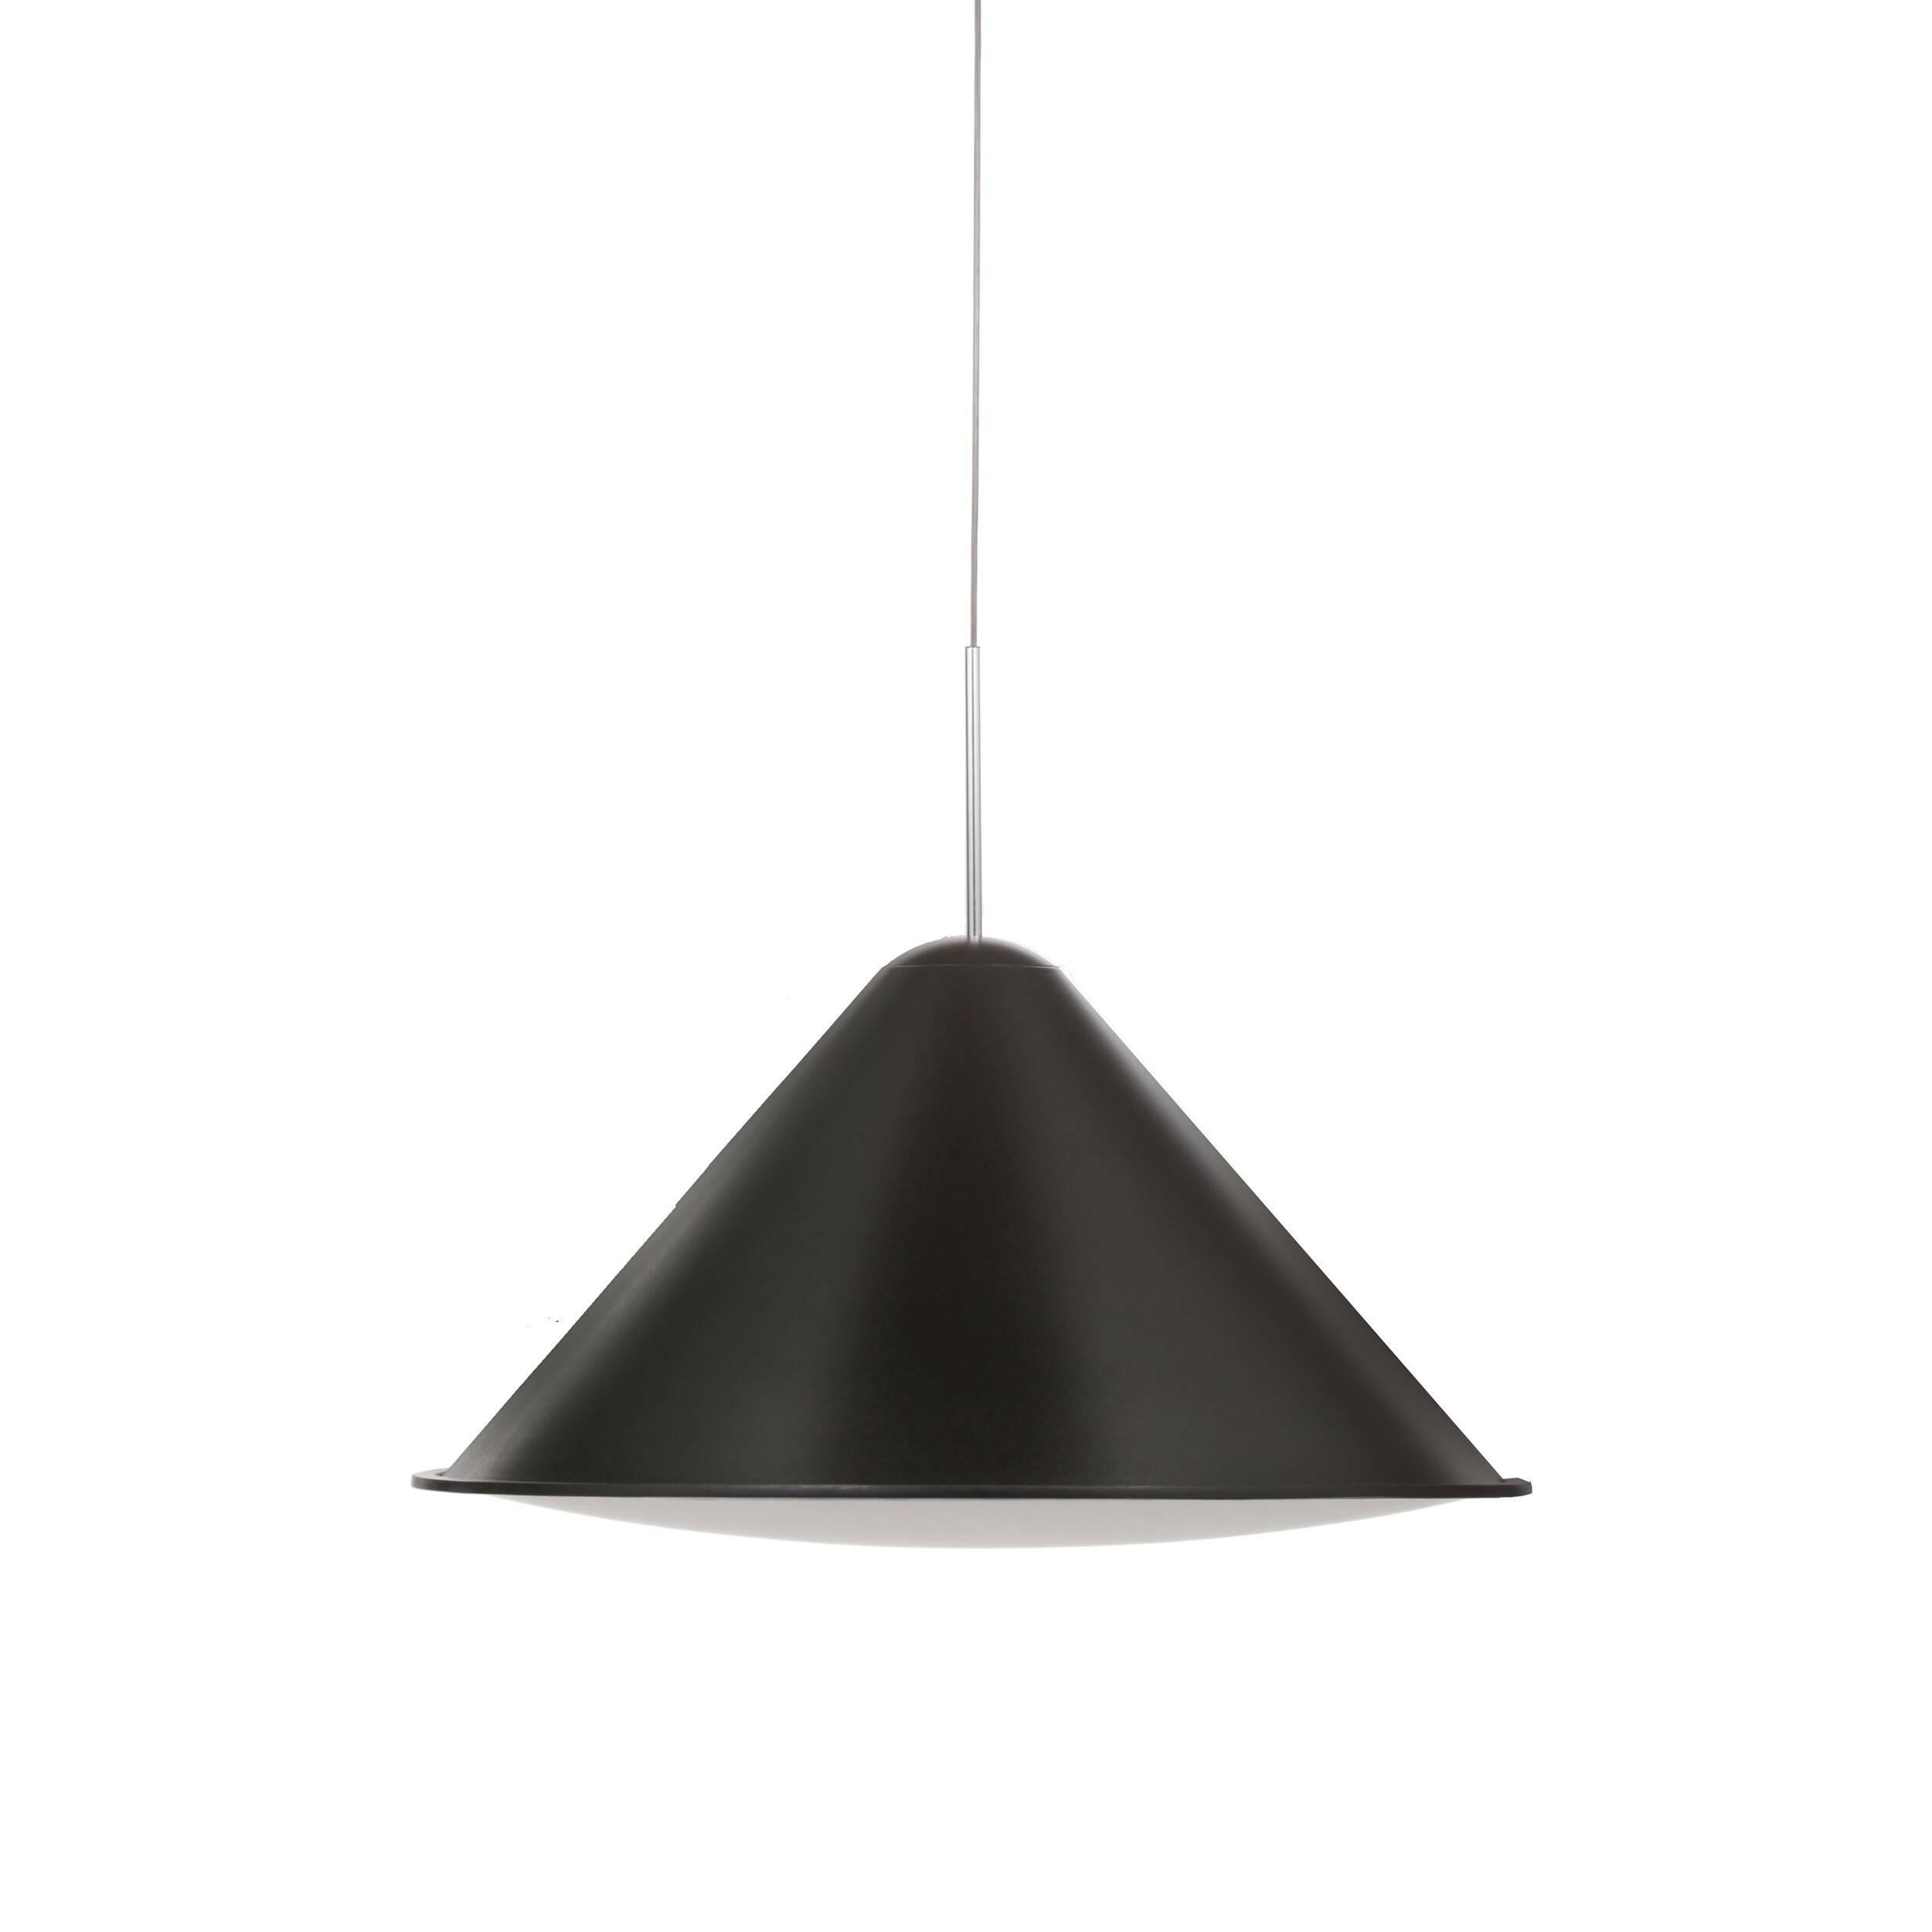 Подвесной светильник Cone диаметр 73 vorxtec ps017 8x17 5x112 d73 1 et35 gbfr